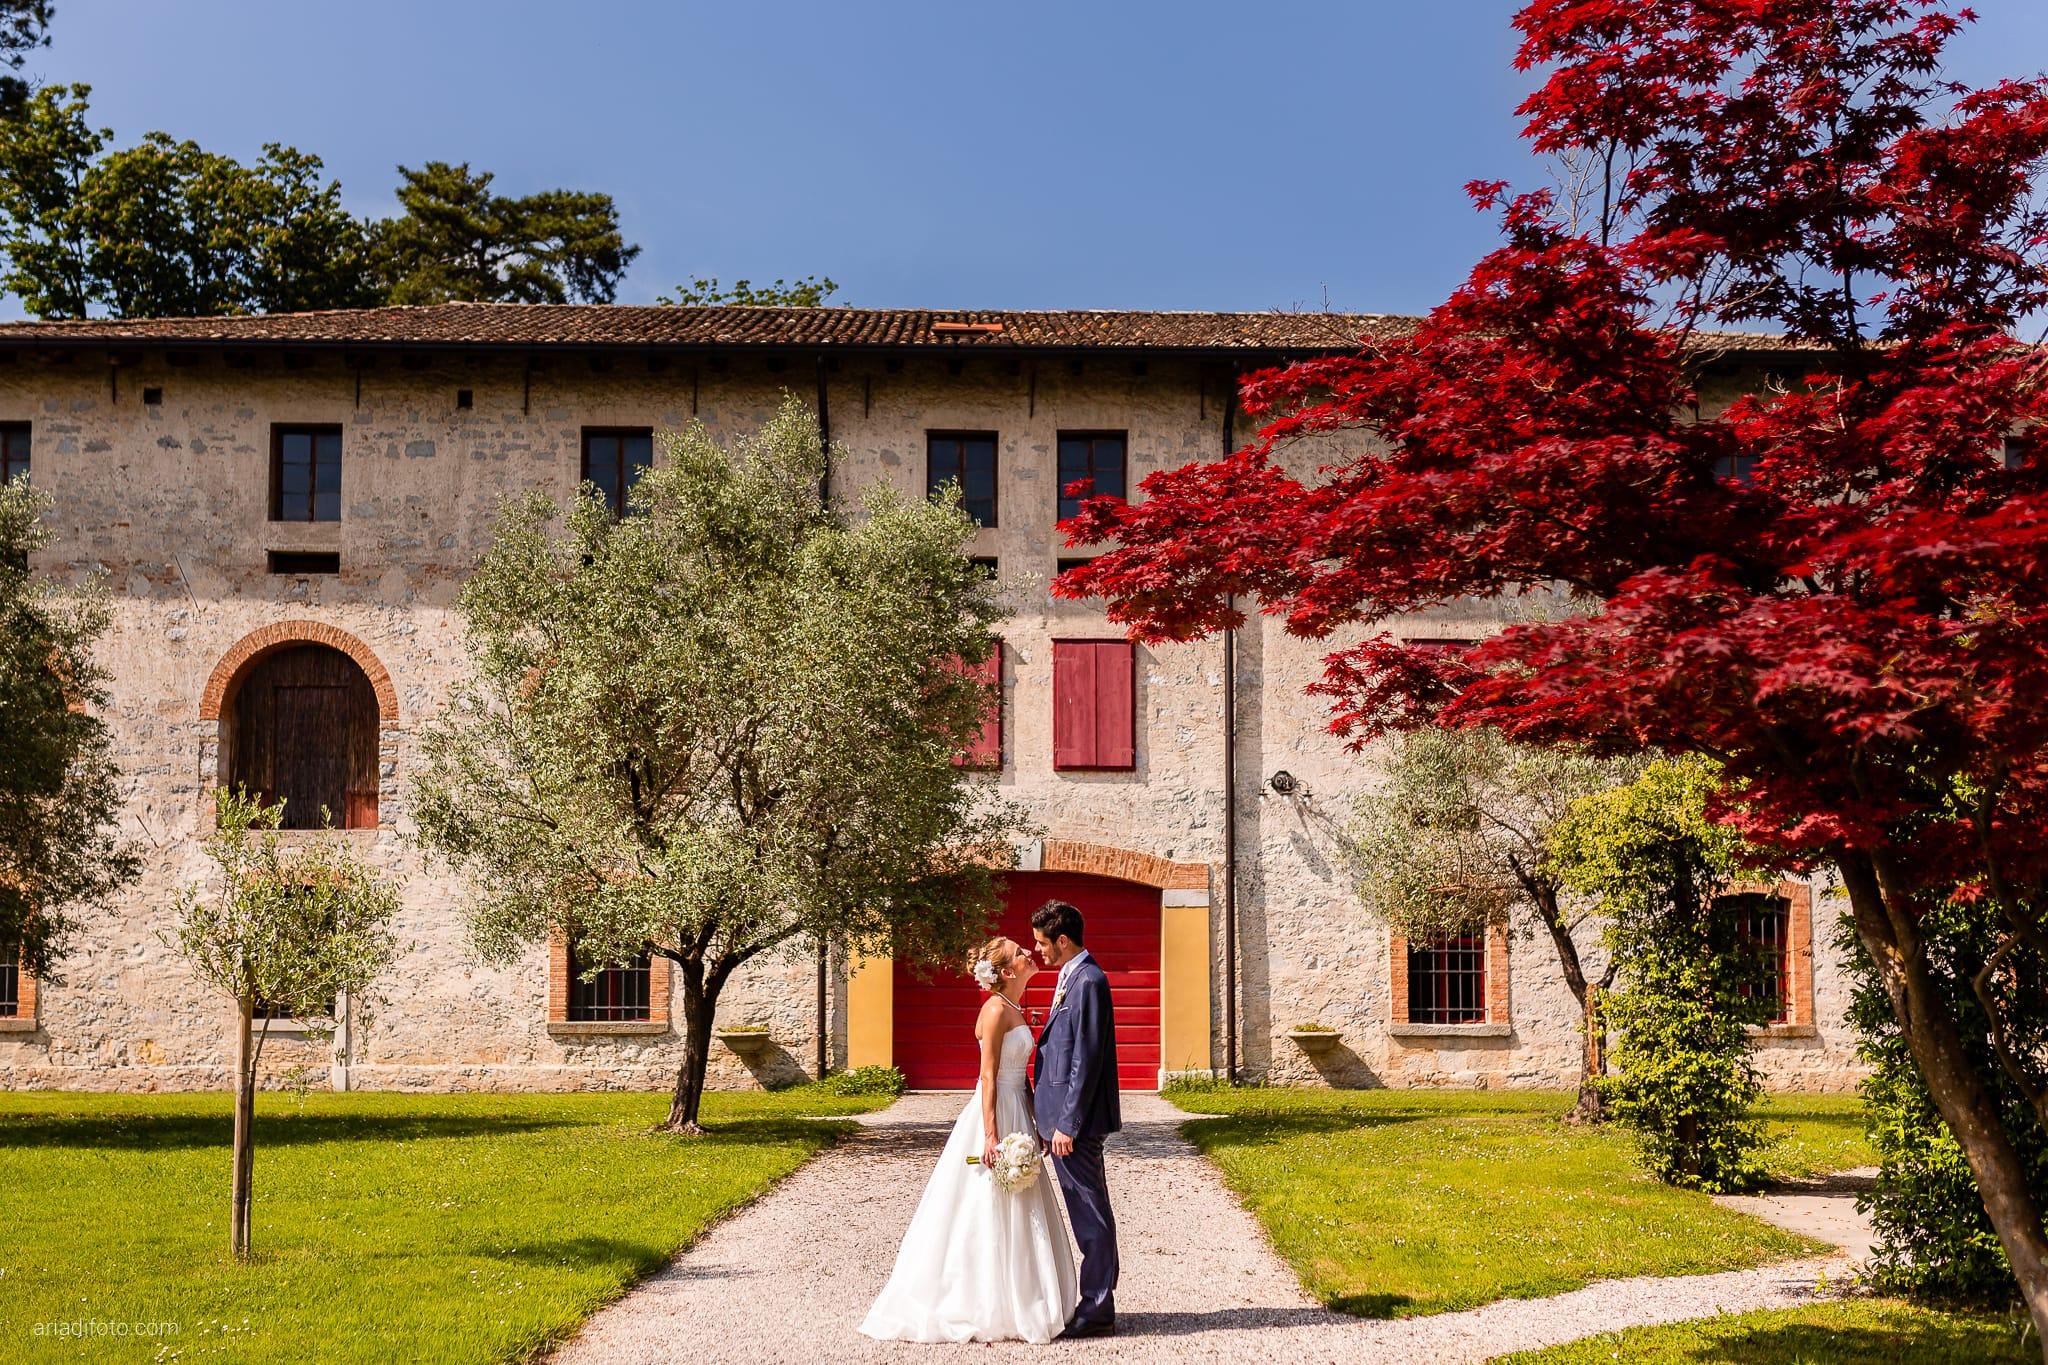 Giulia Paolo Matrimonio Trieste Villa Iachia Ruda Udine ritratti sposi parco